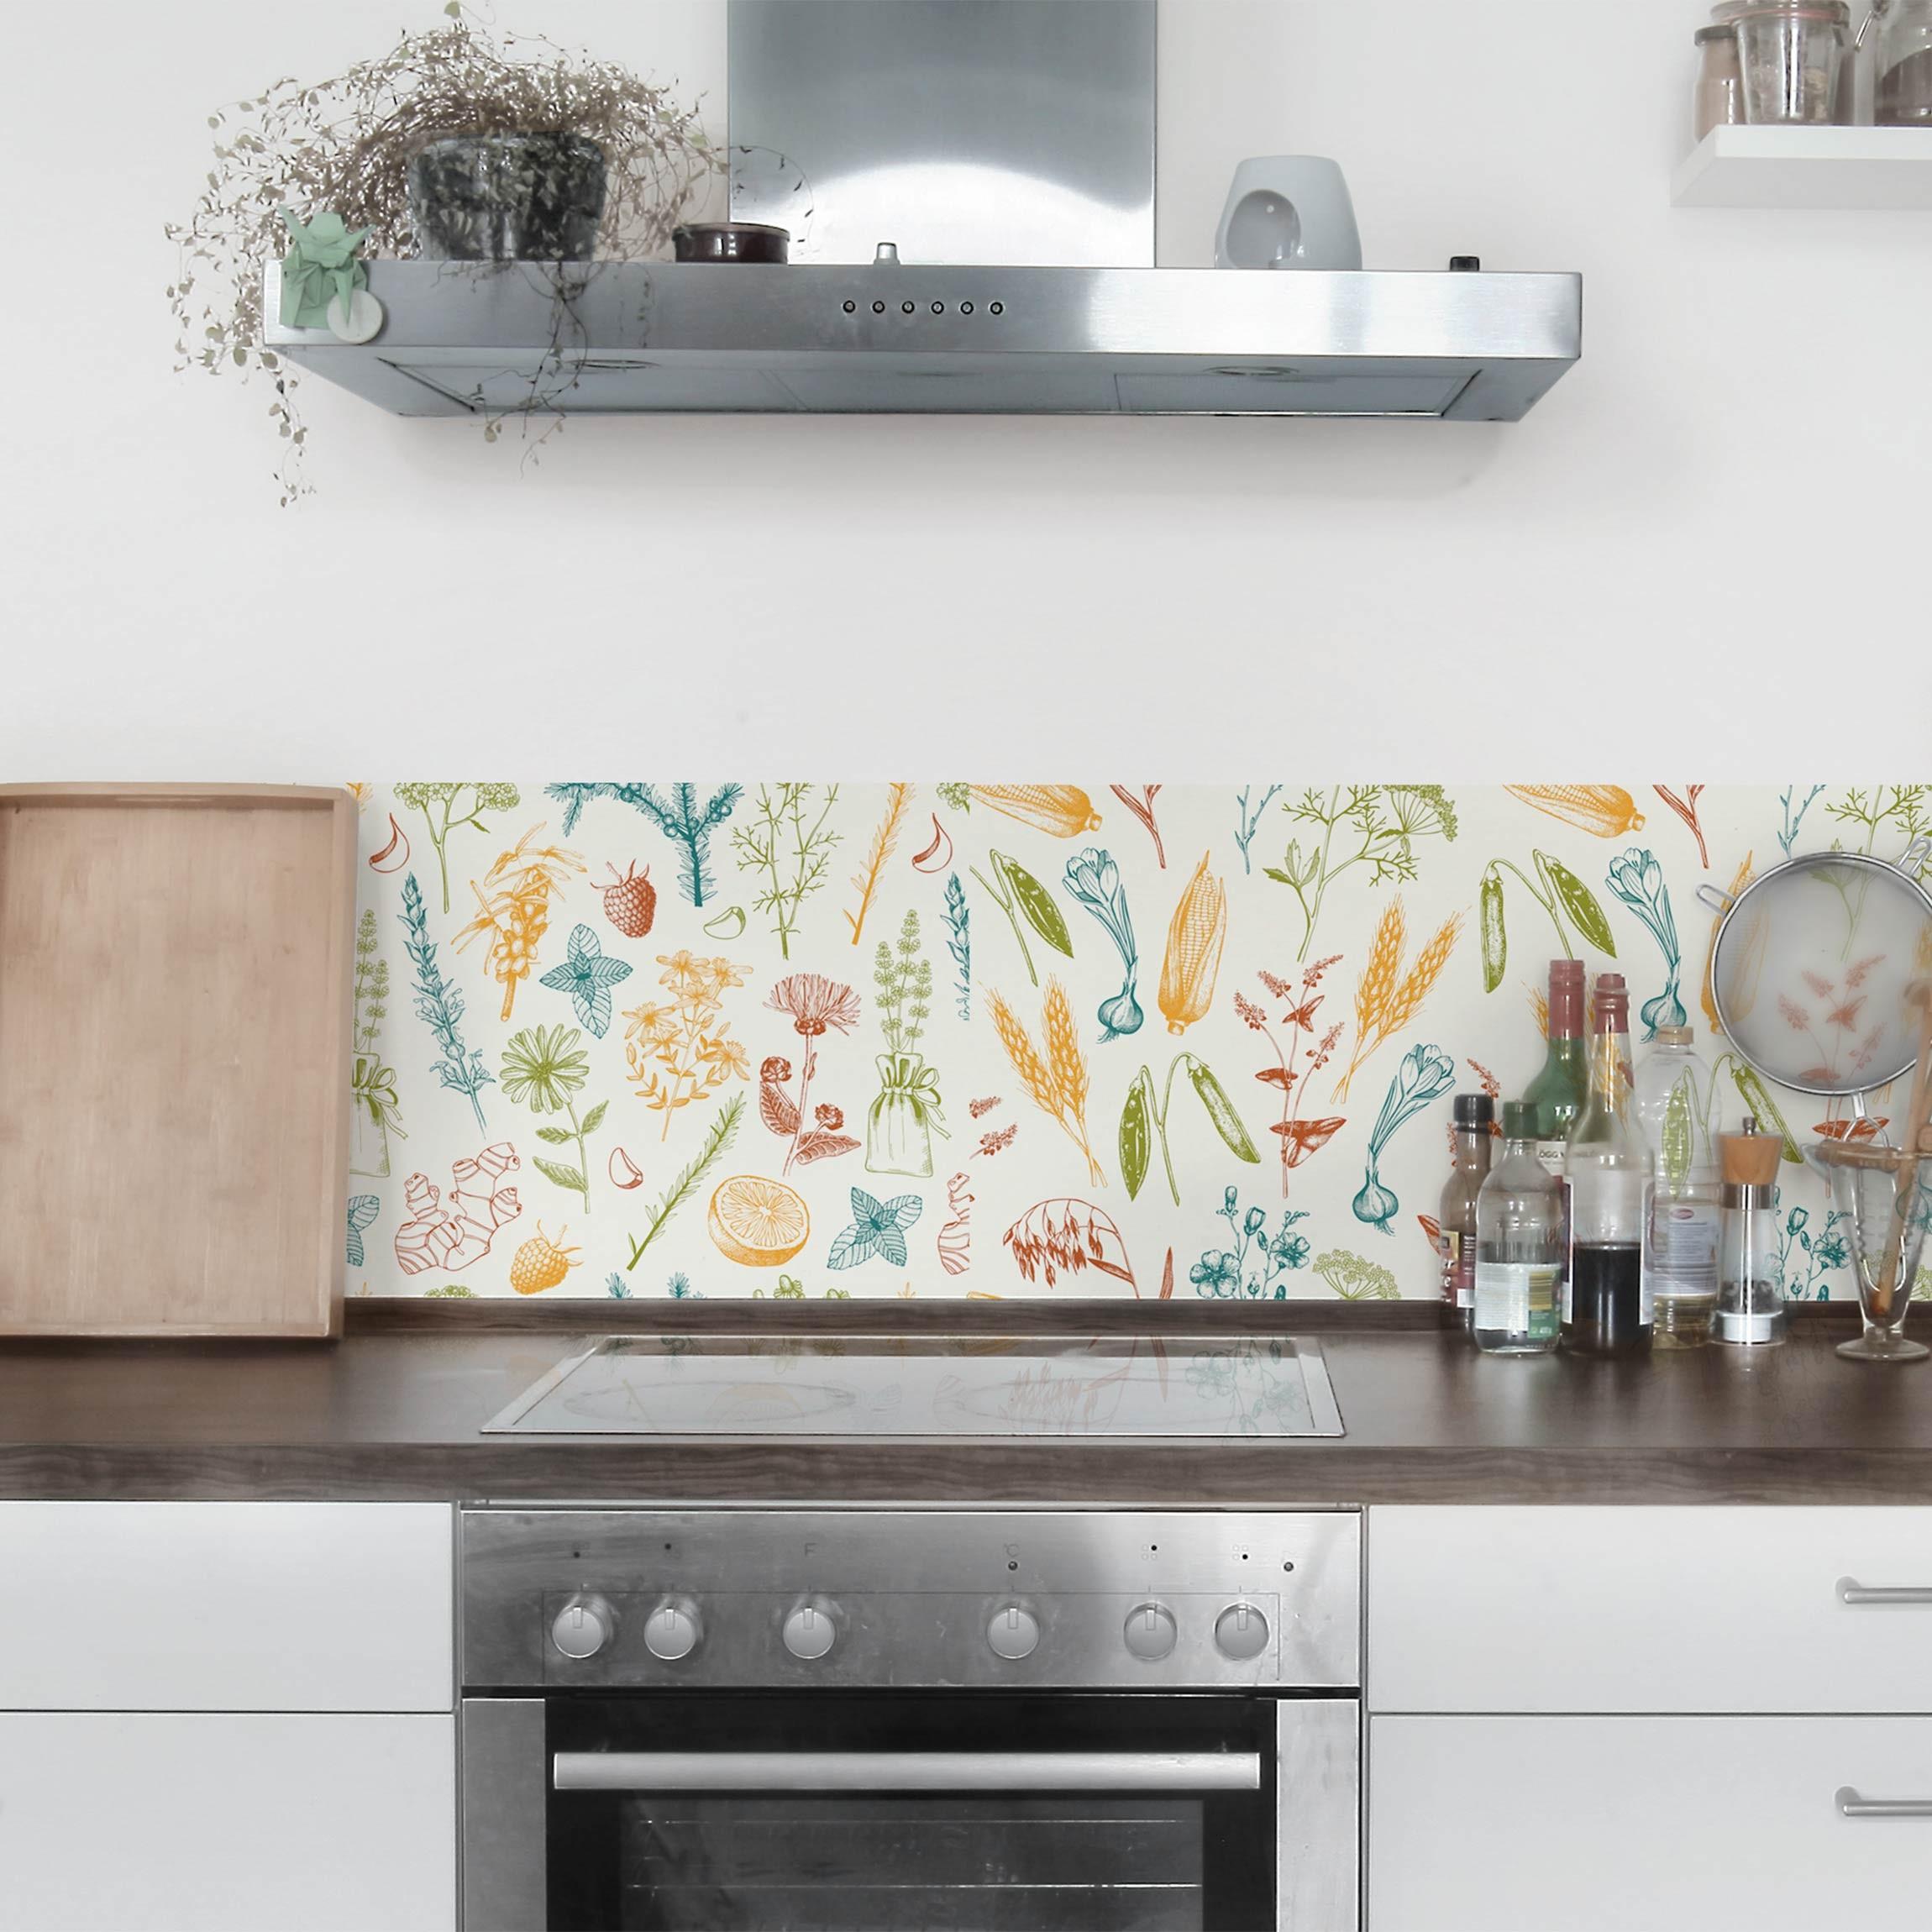 Hervorragend Klebefolie Küche - Set aus 2 Mustern mit Obst, Kräutern und RA11